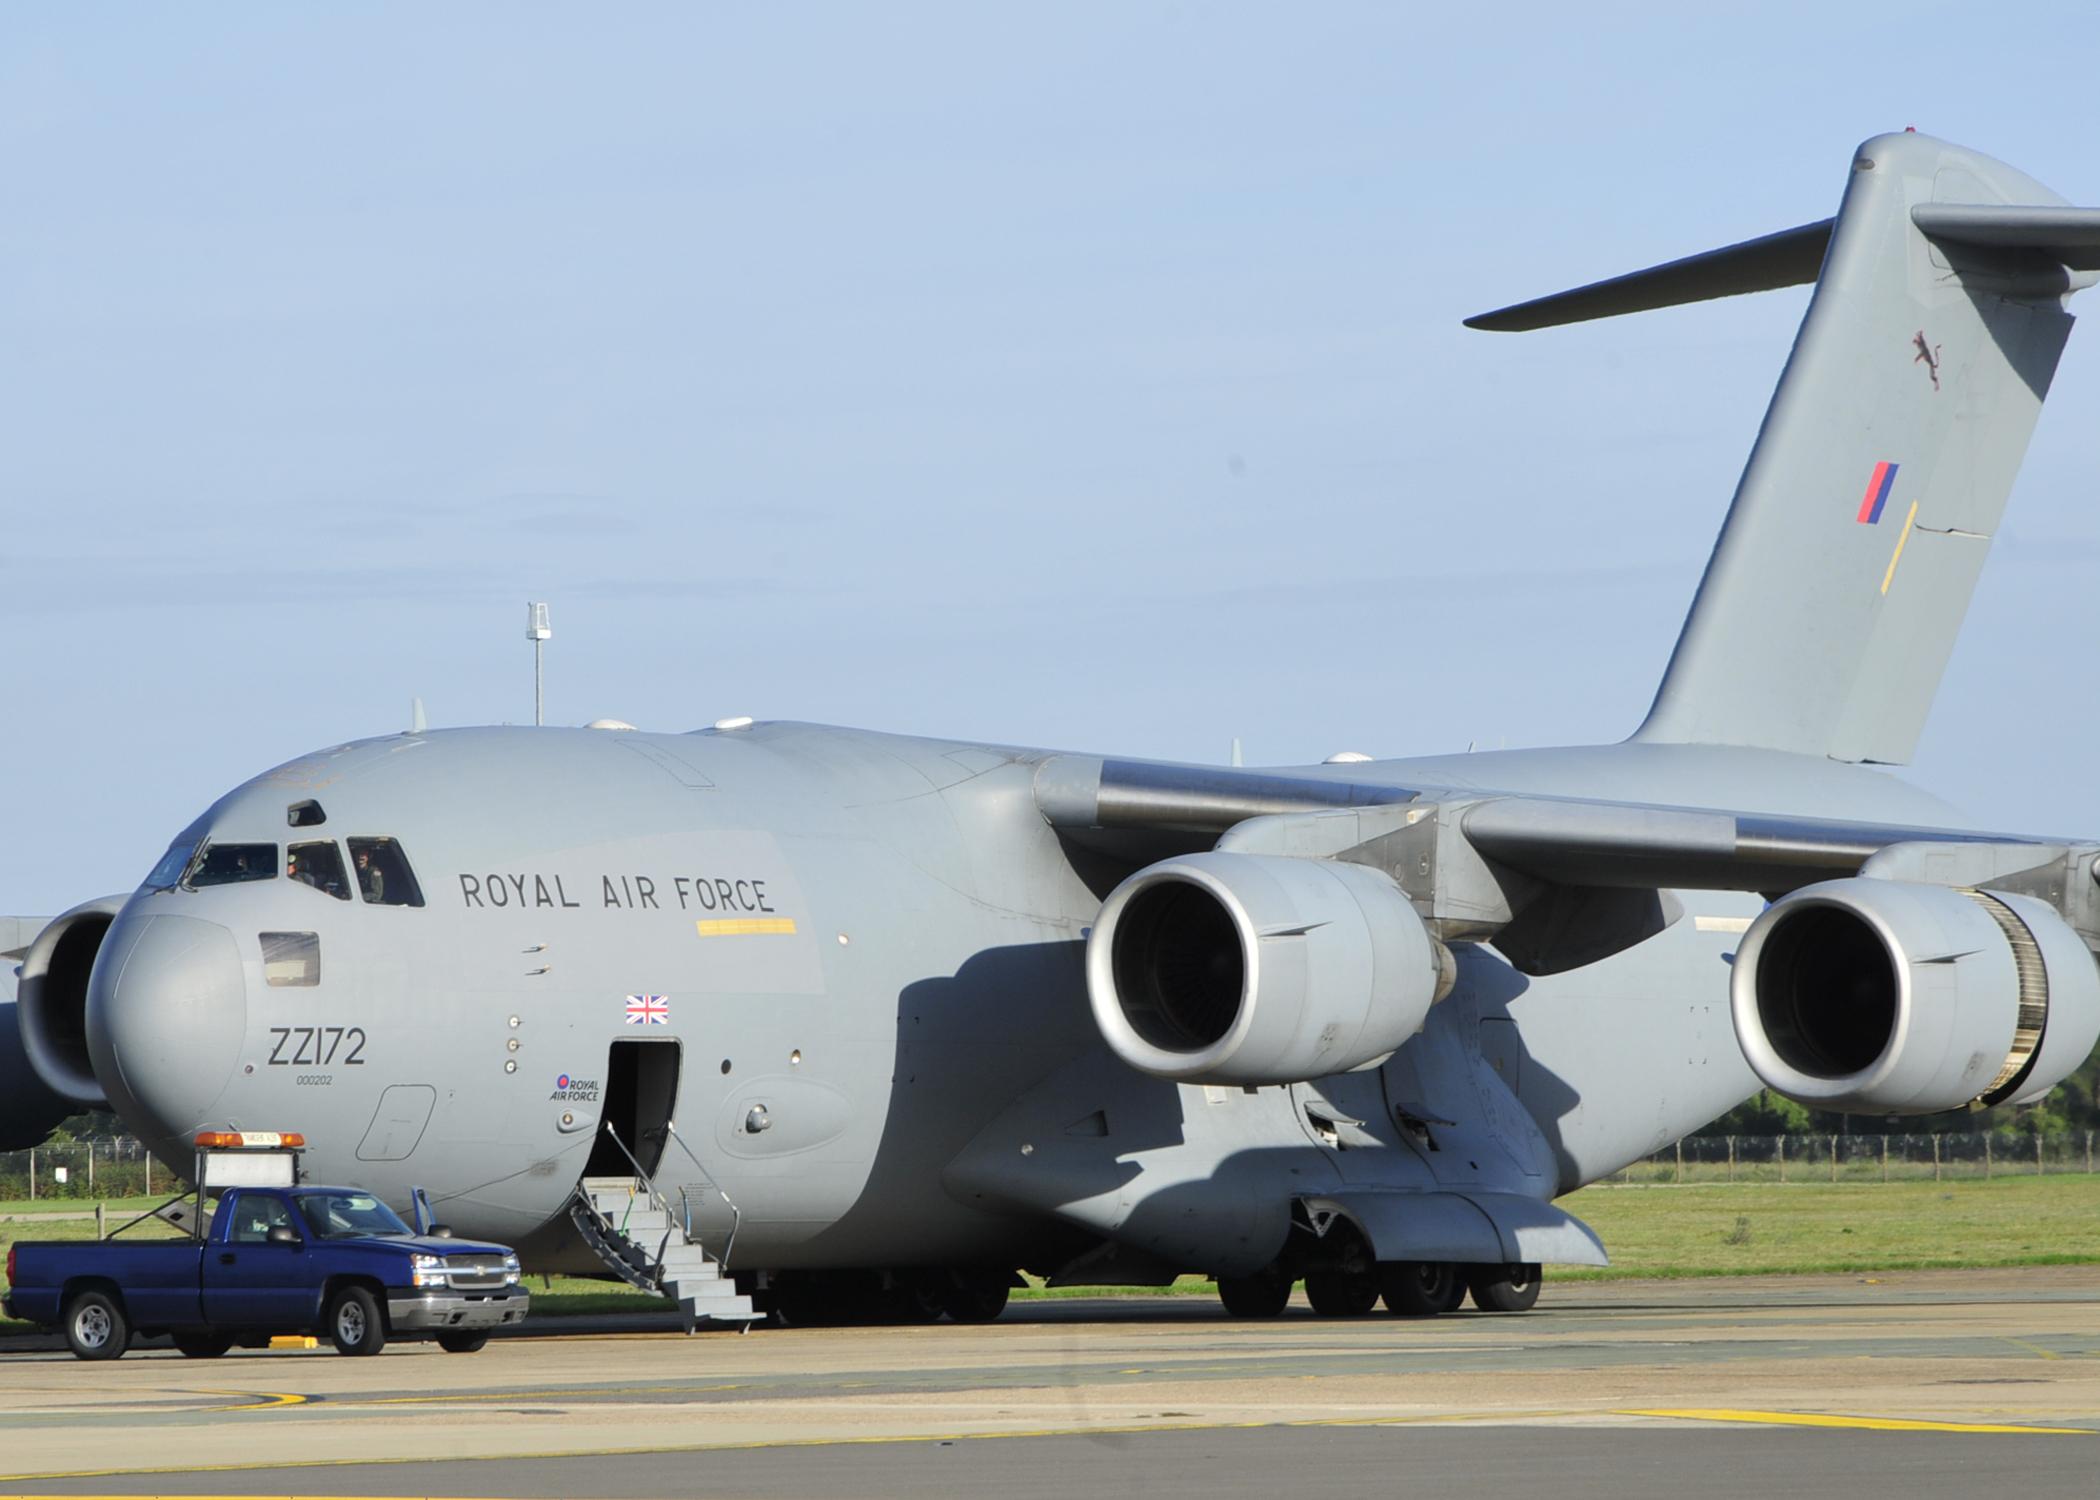 Обои истребители, Royal Air Force, сопровождение, самолеты, Red arrows, транспортный, Airbus A400M Atlas, четырёхмоторный, Красные стрелы. Авиация foto 9